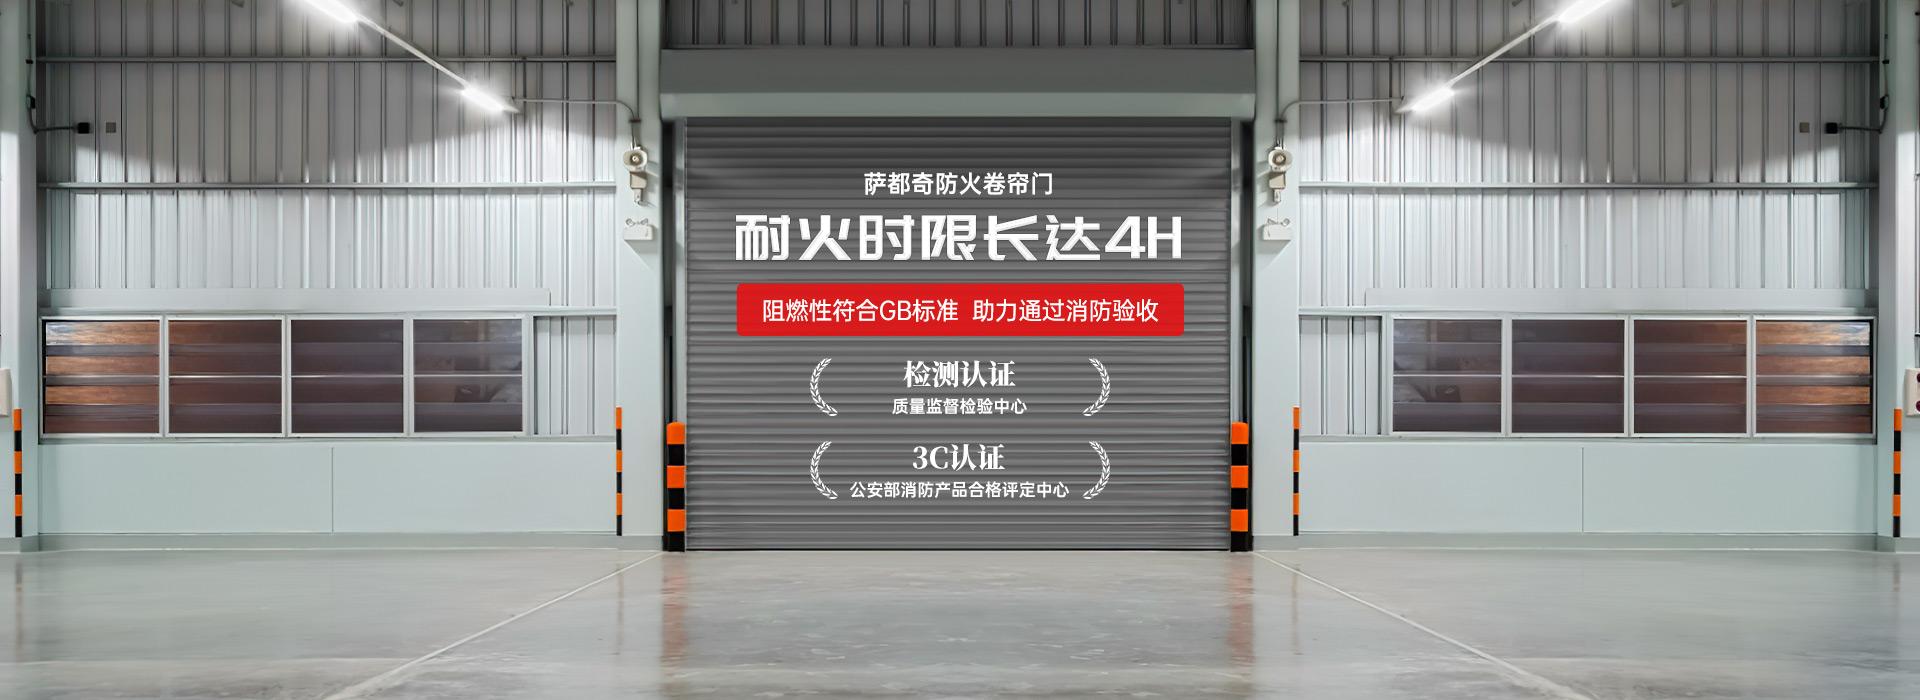 萨都奇防火卷帘门,耐火市县长达4H